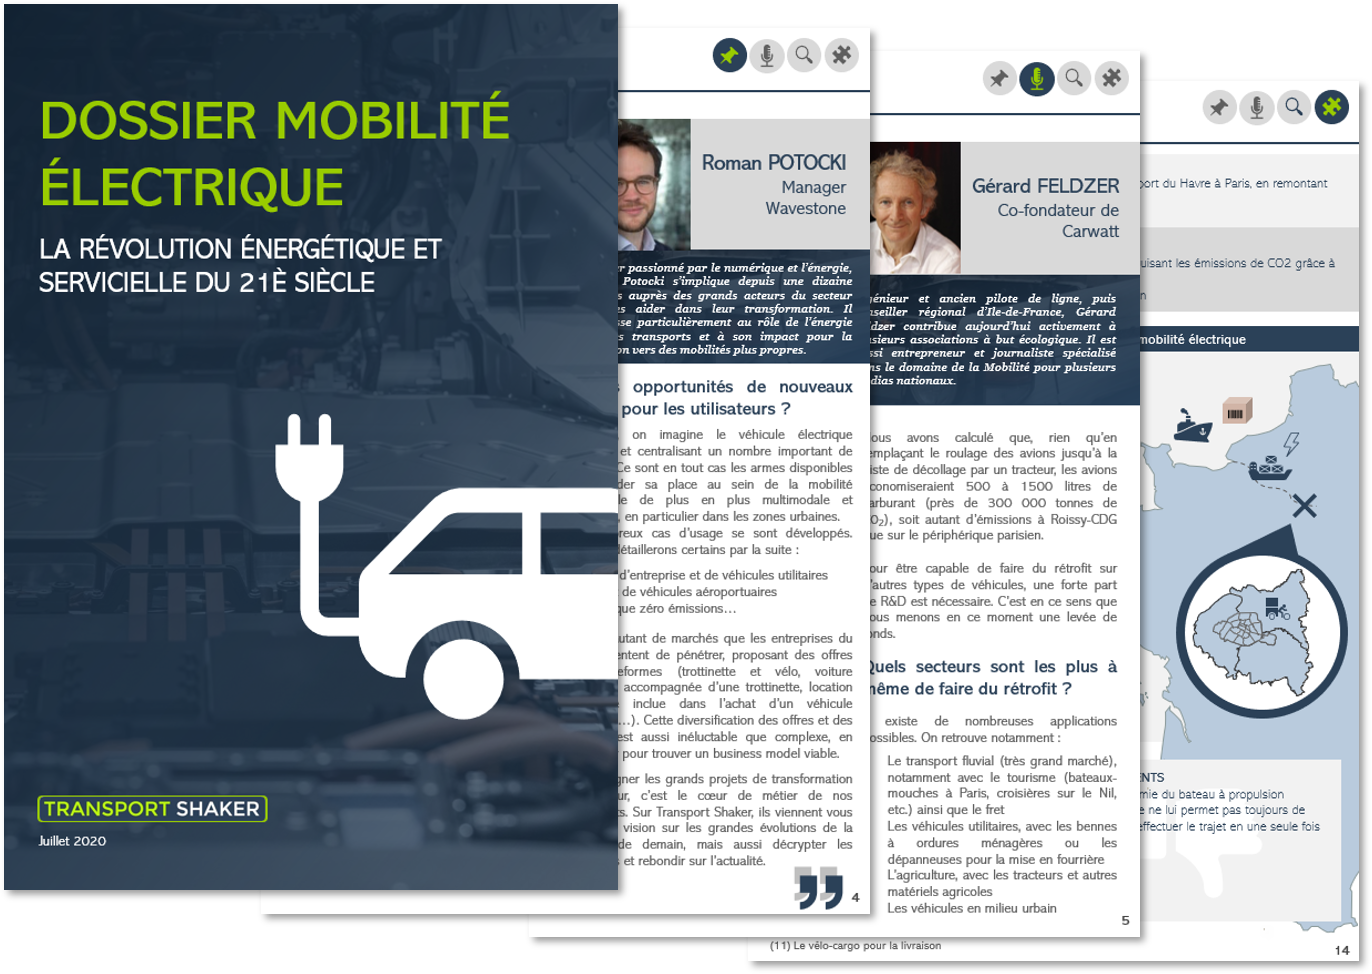 Dossier TransportShaker : mobilité electrique